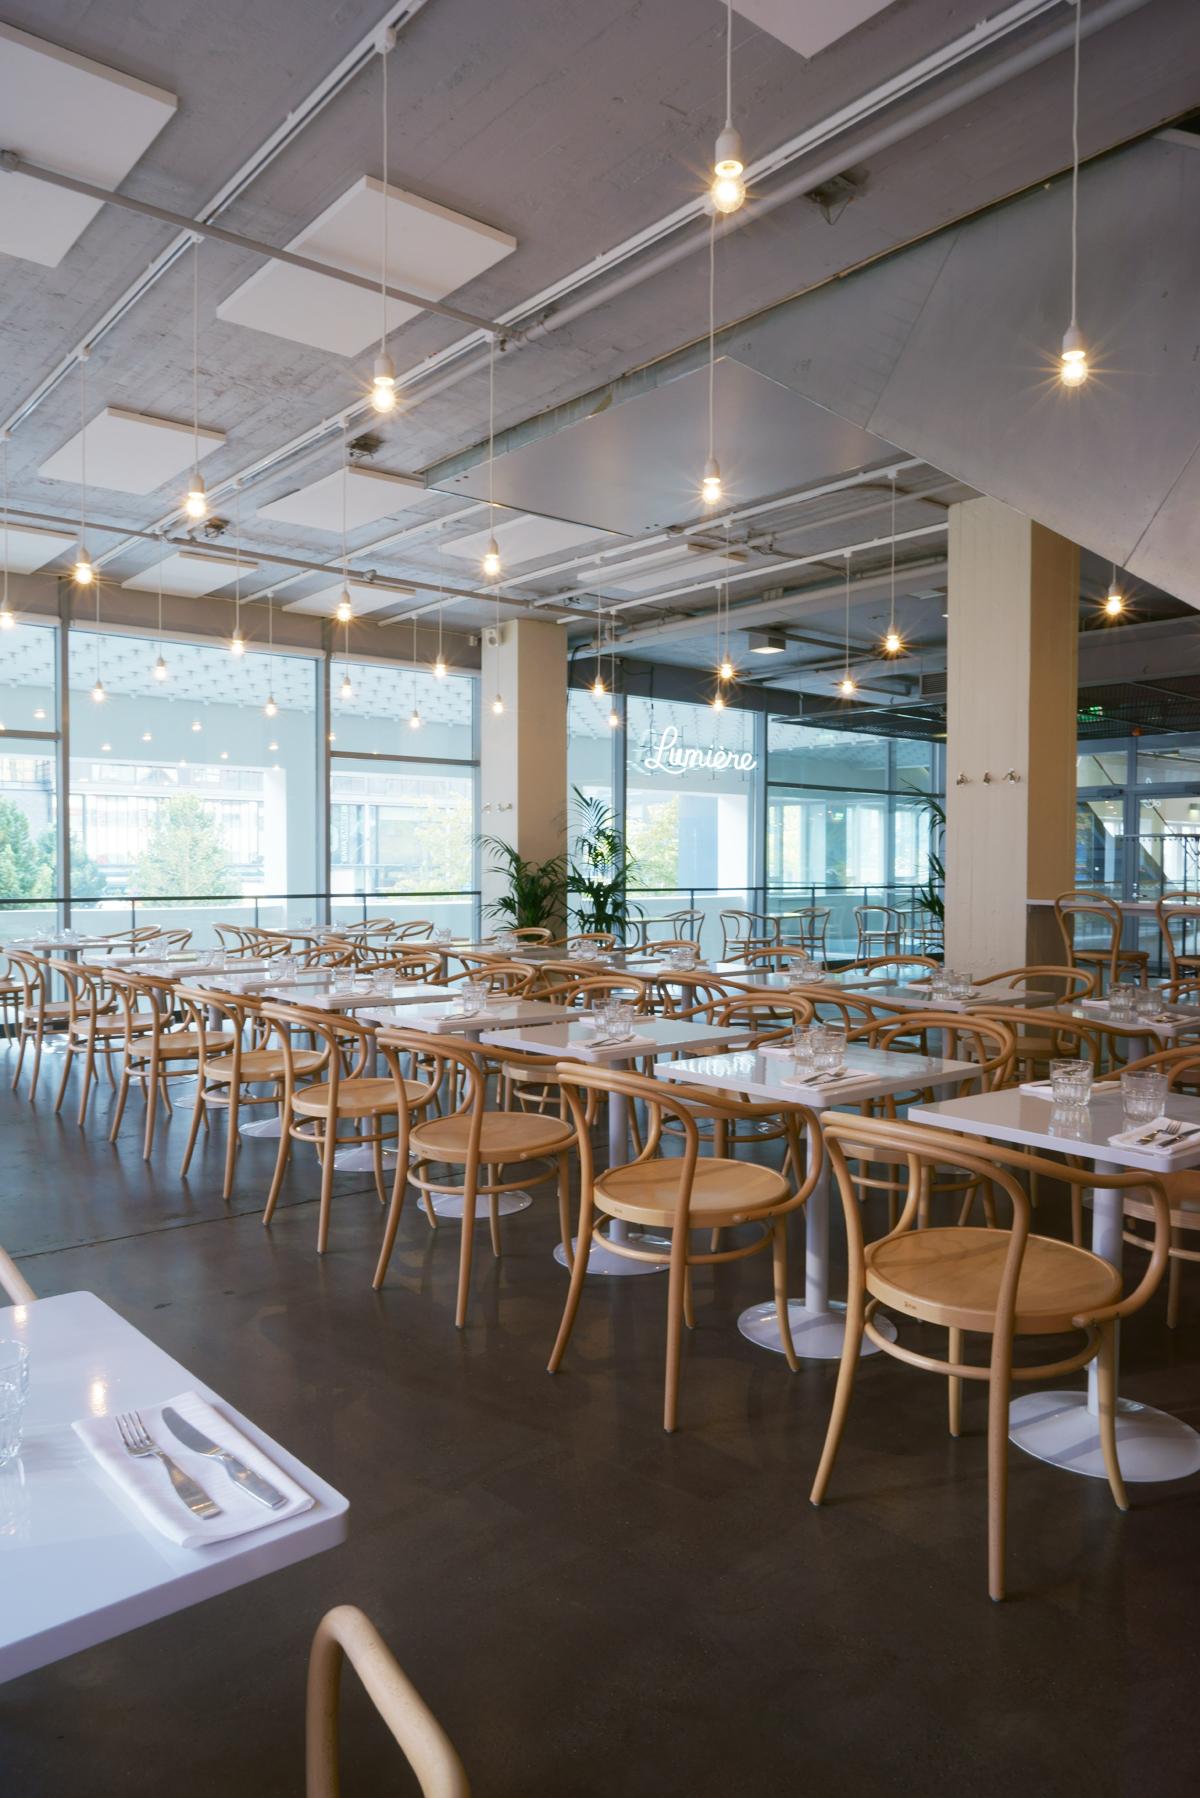 Gorgeous Cuisine Architecture Snap Shots Jobzz4u Us Jobzz4u Us